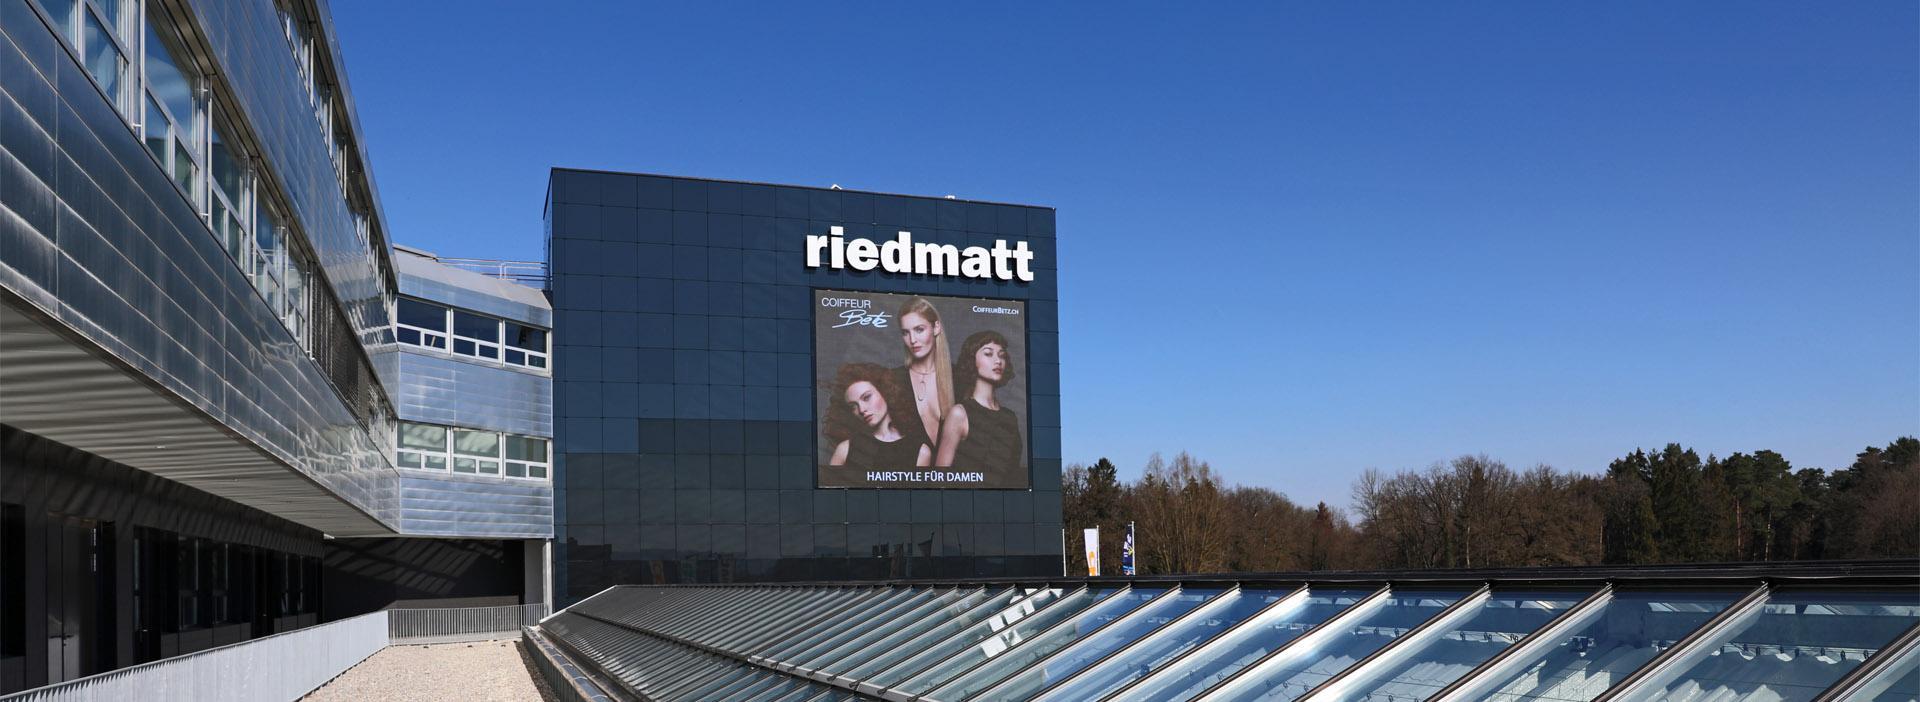 Einkaufszentrum Riedmatt